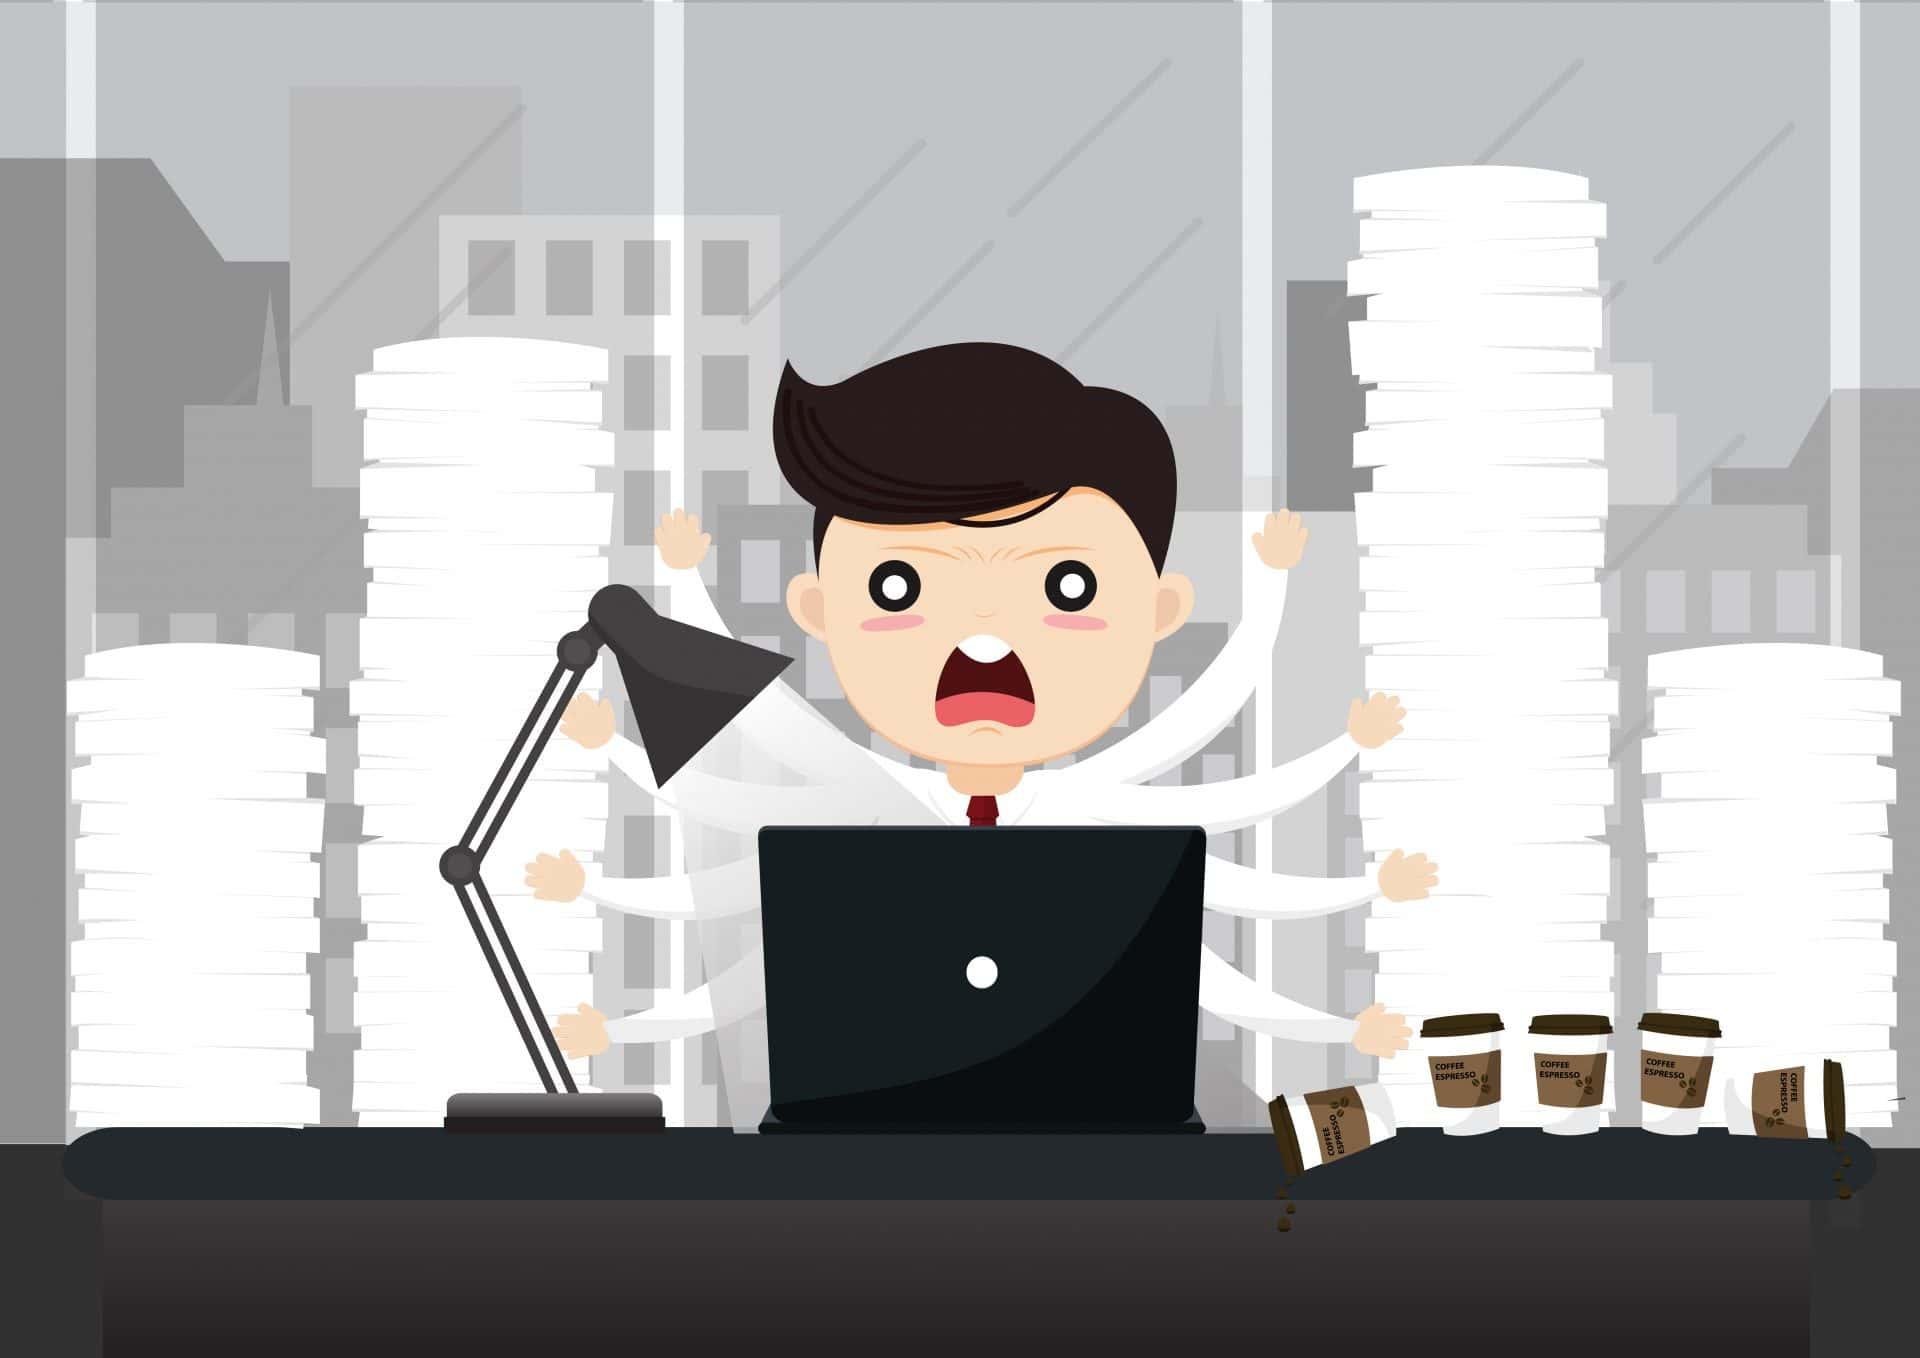 وقتی شغل شما روزانه کارهای زیادی برای حل و فصل دارد ، چگونه می توان فارکس را هموار و معامله کرد